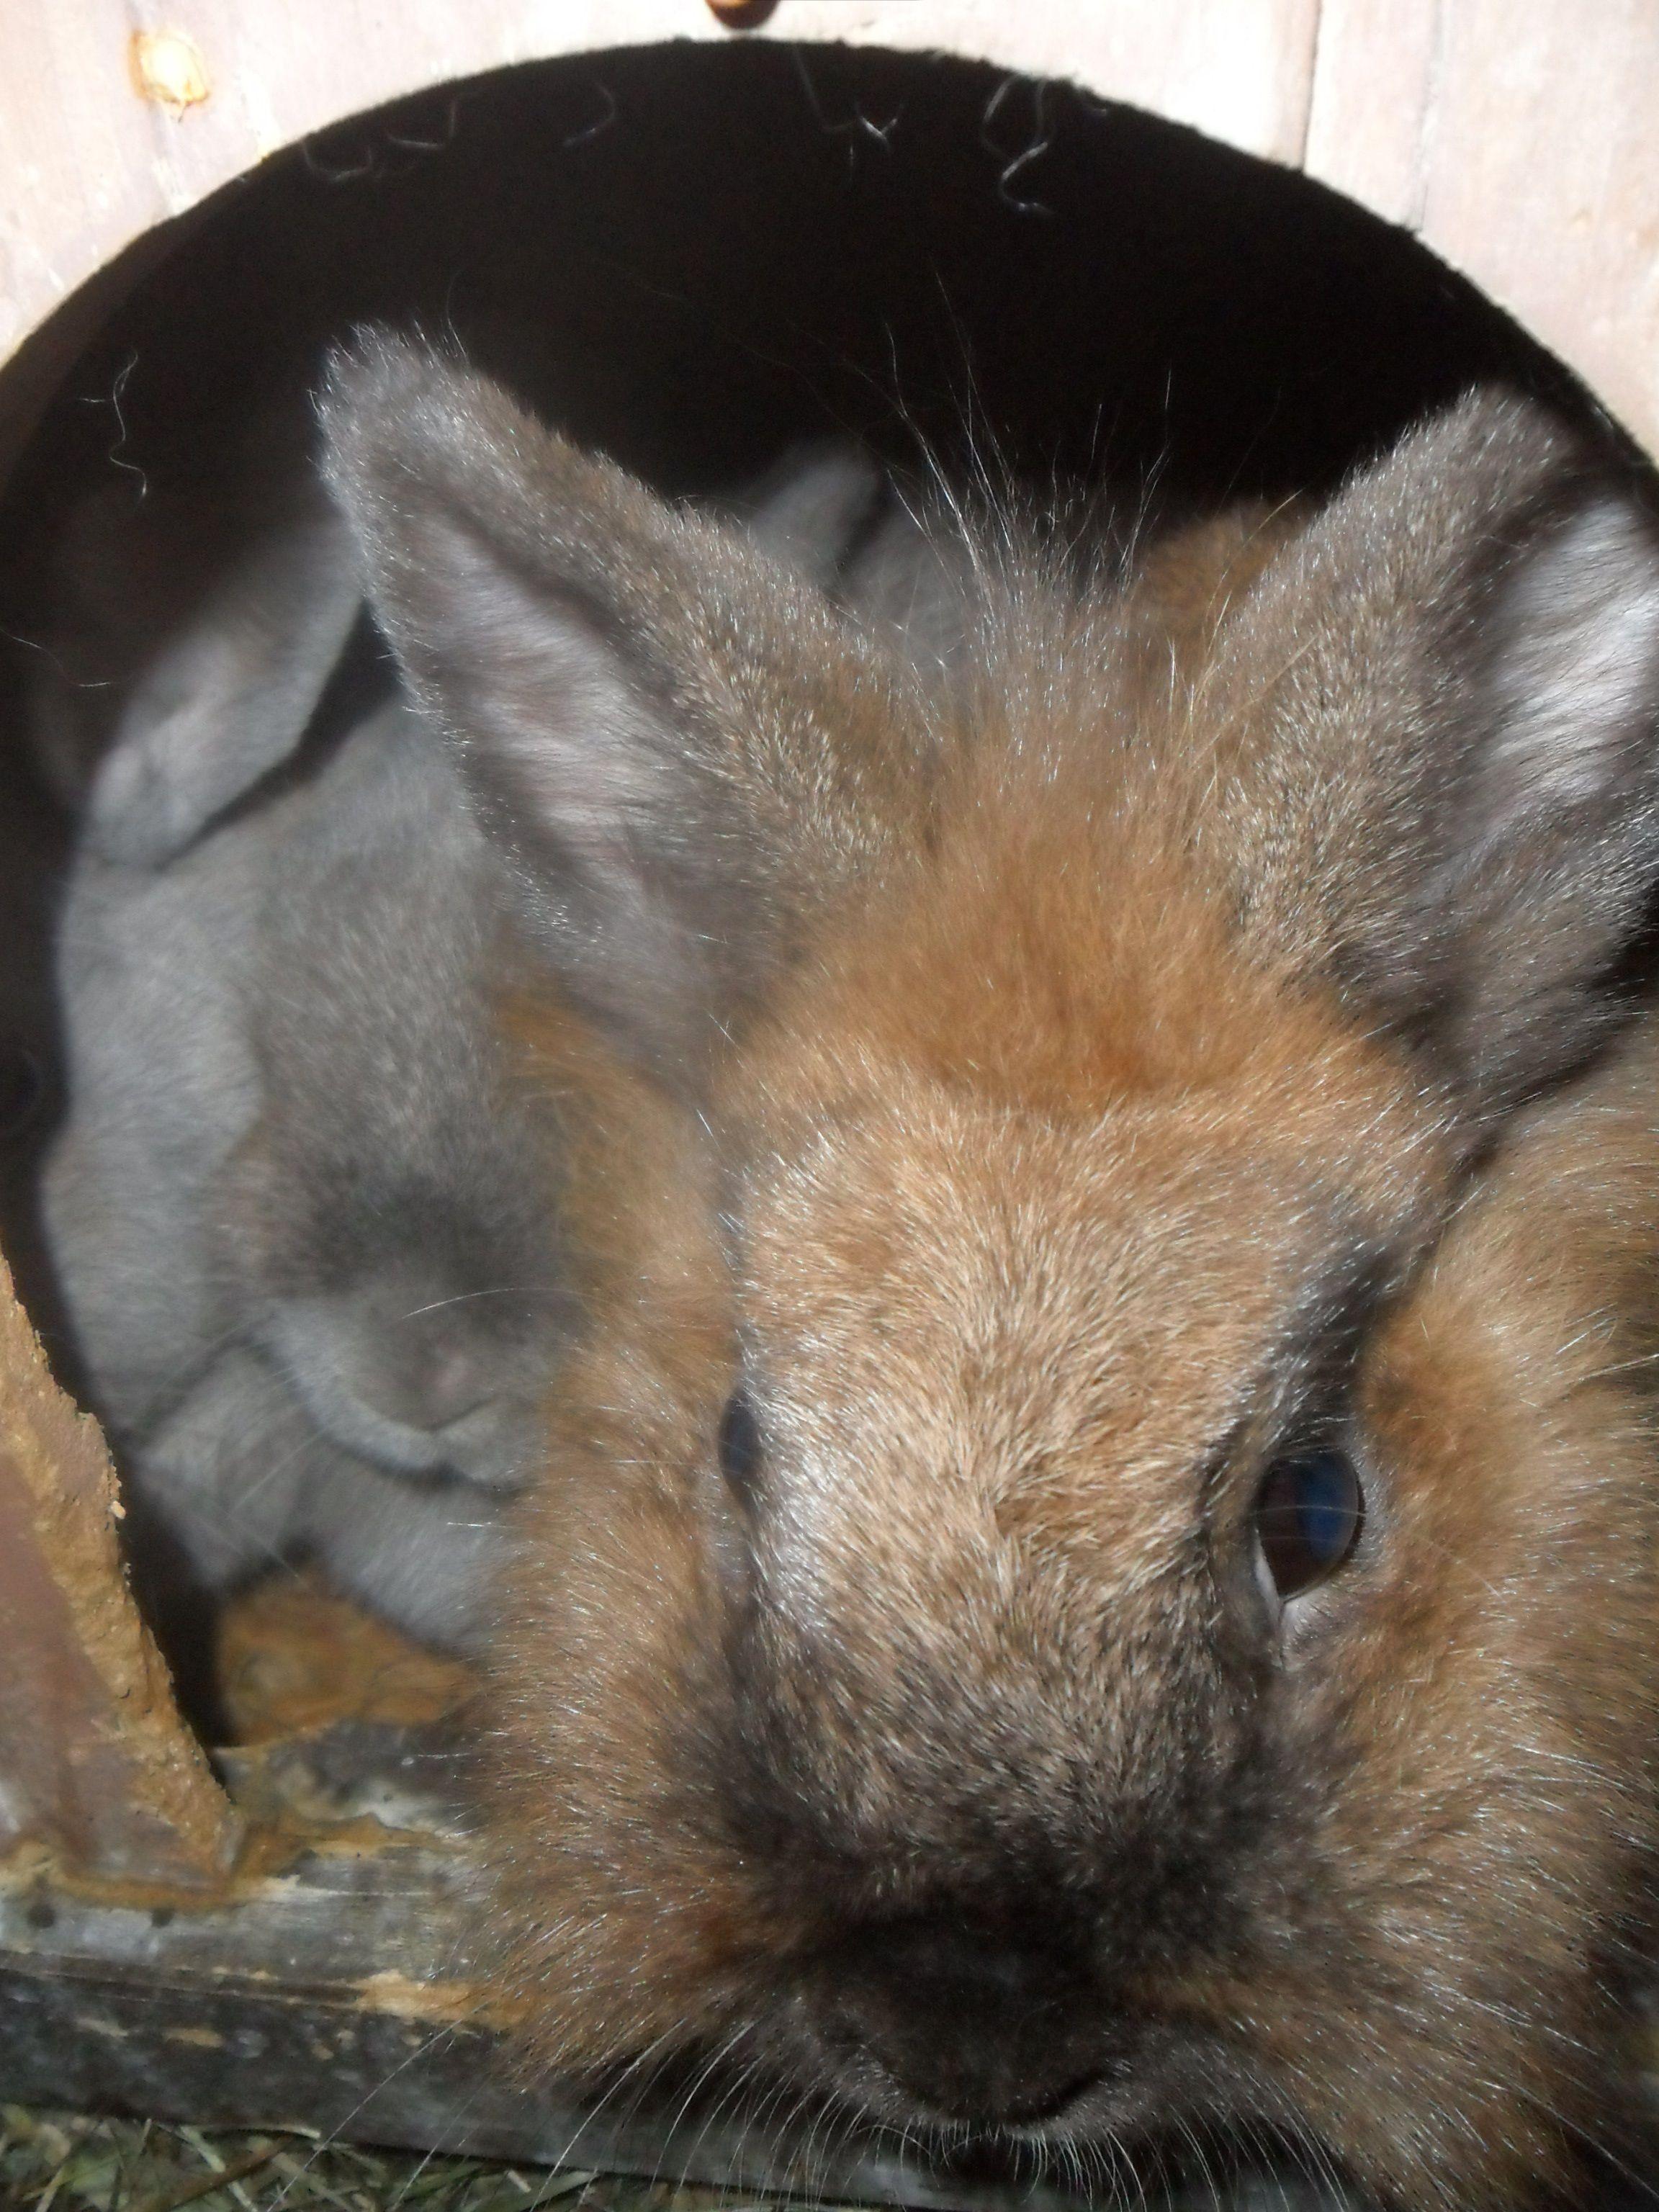 Schau raus aus dem Kaninchen-Haus!